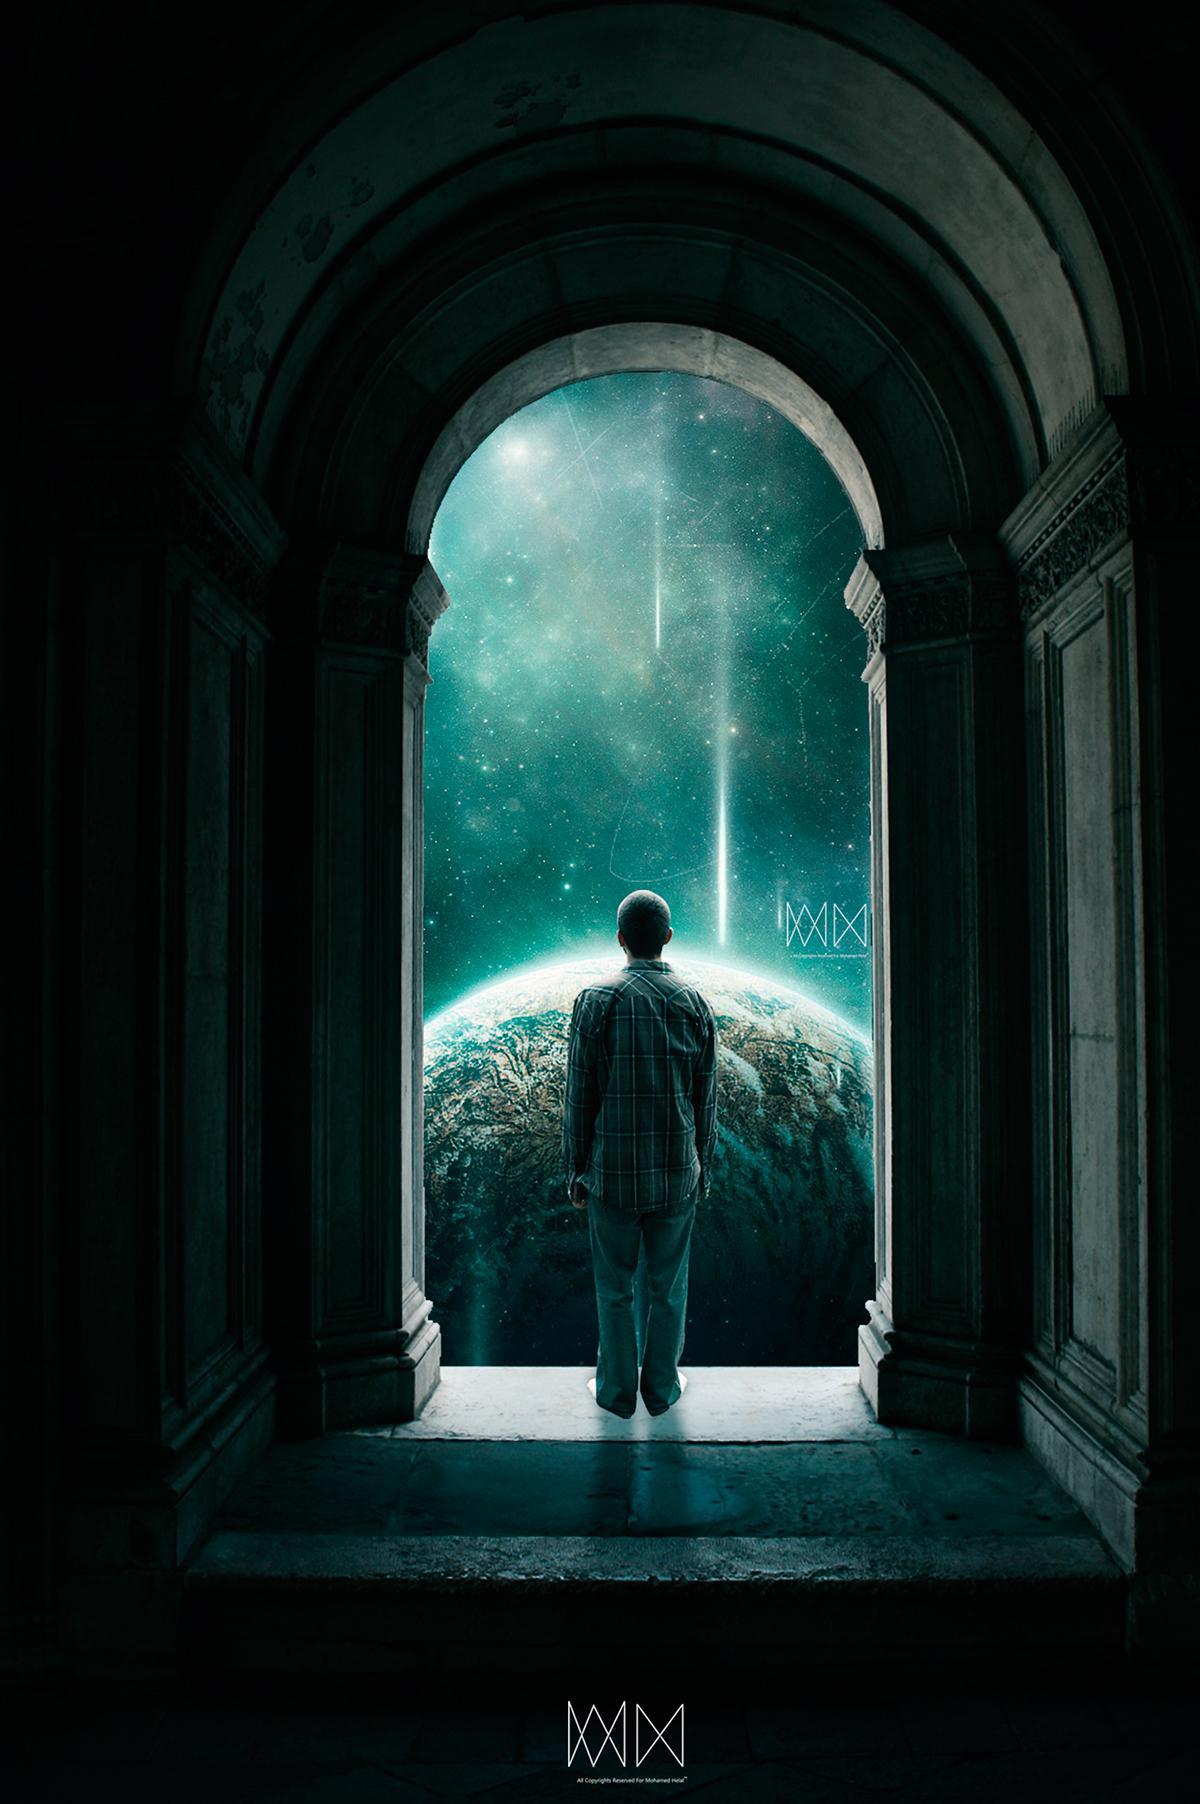 многопользовательская онлайн картинки небо двери красивые милые мотиваторы